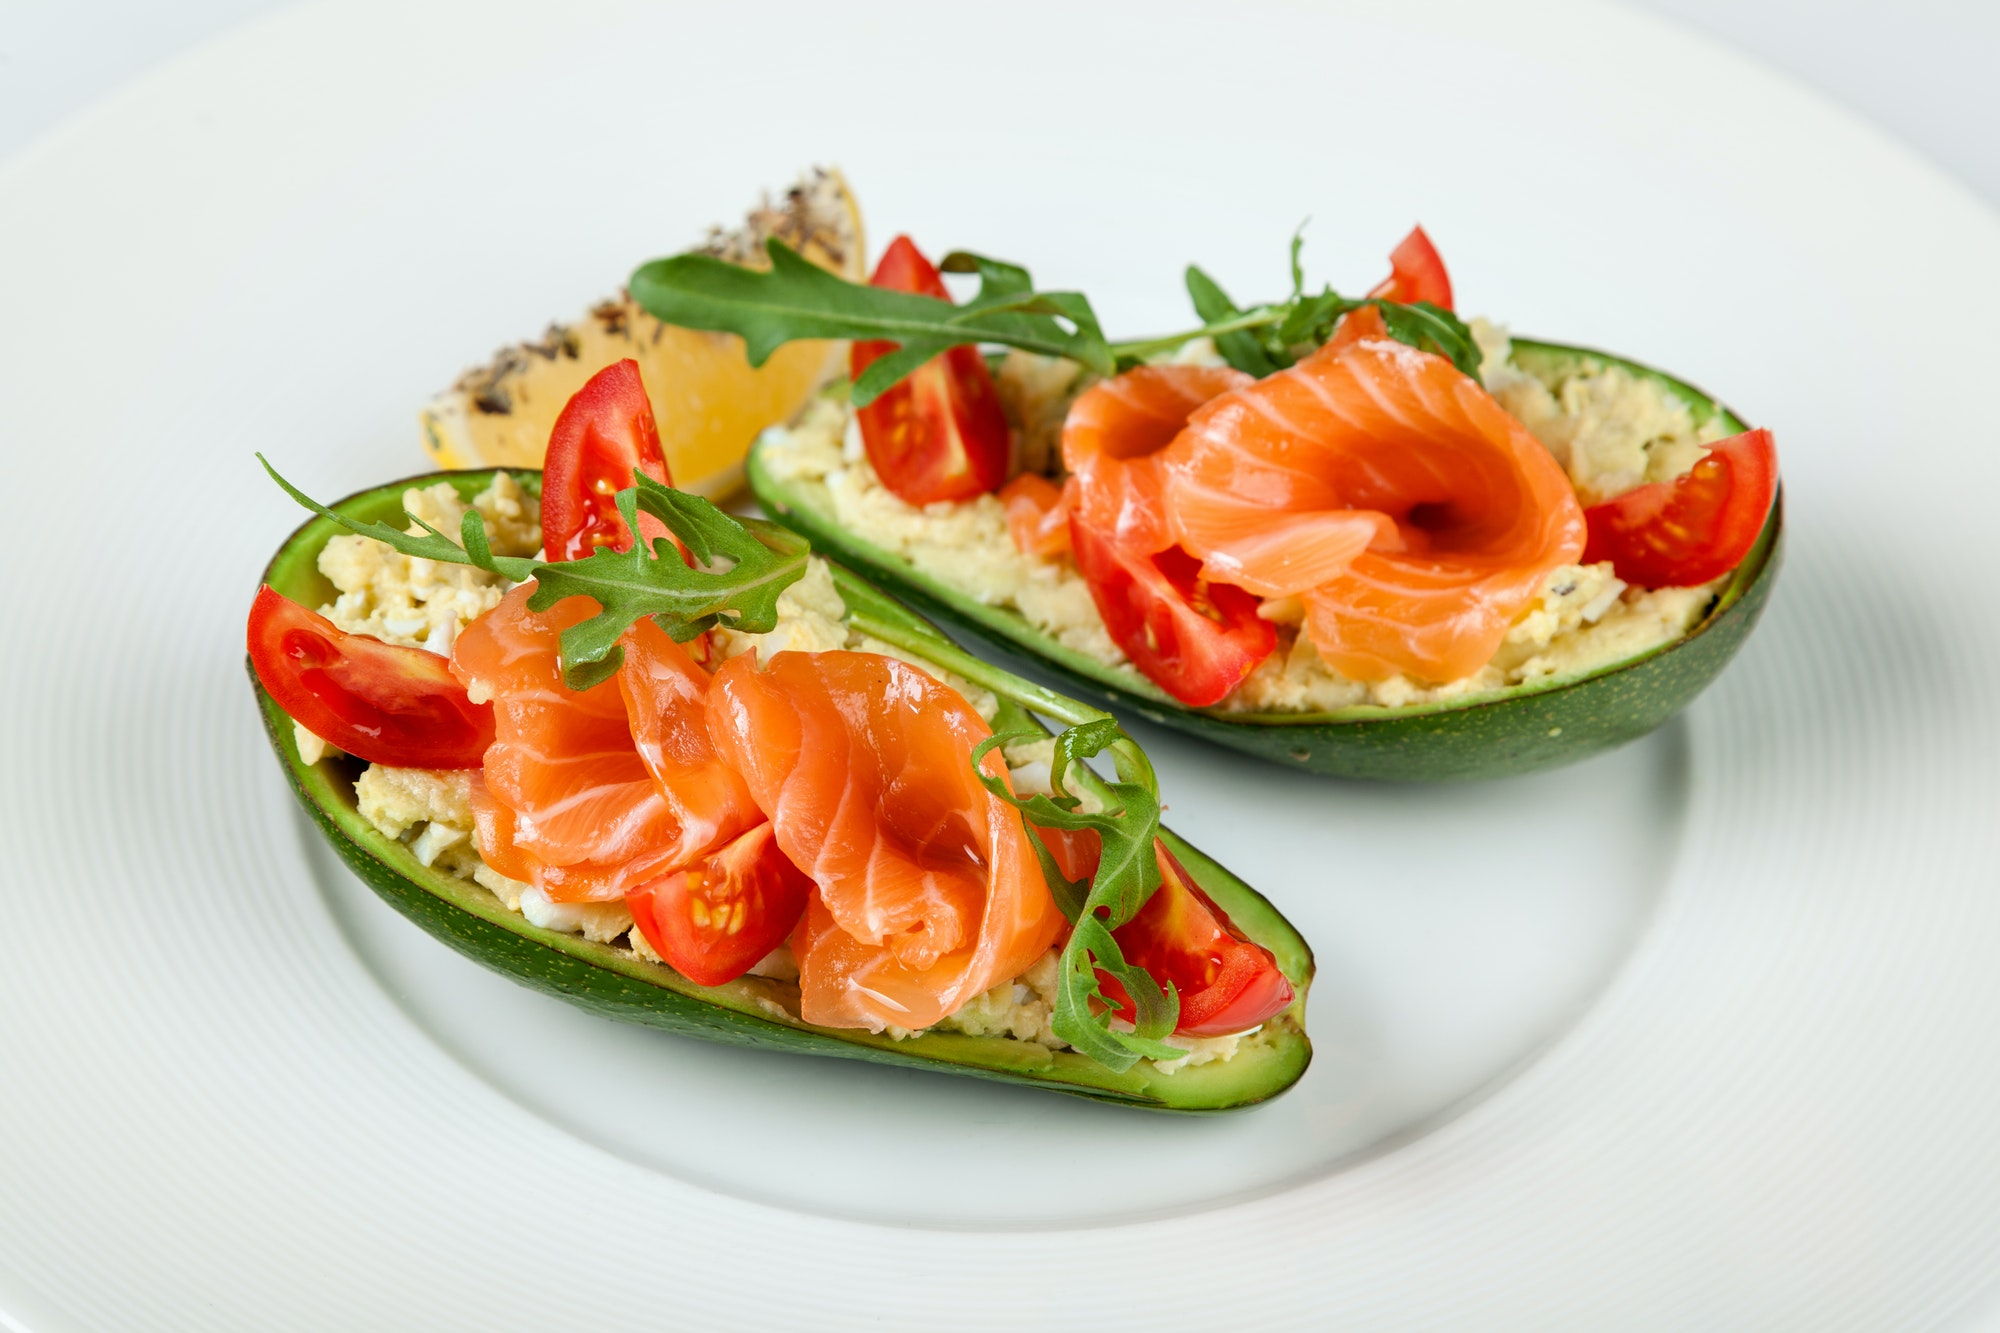 Salmon and avocado salad